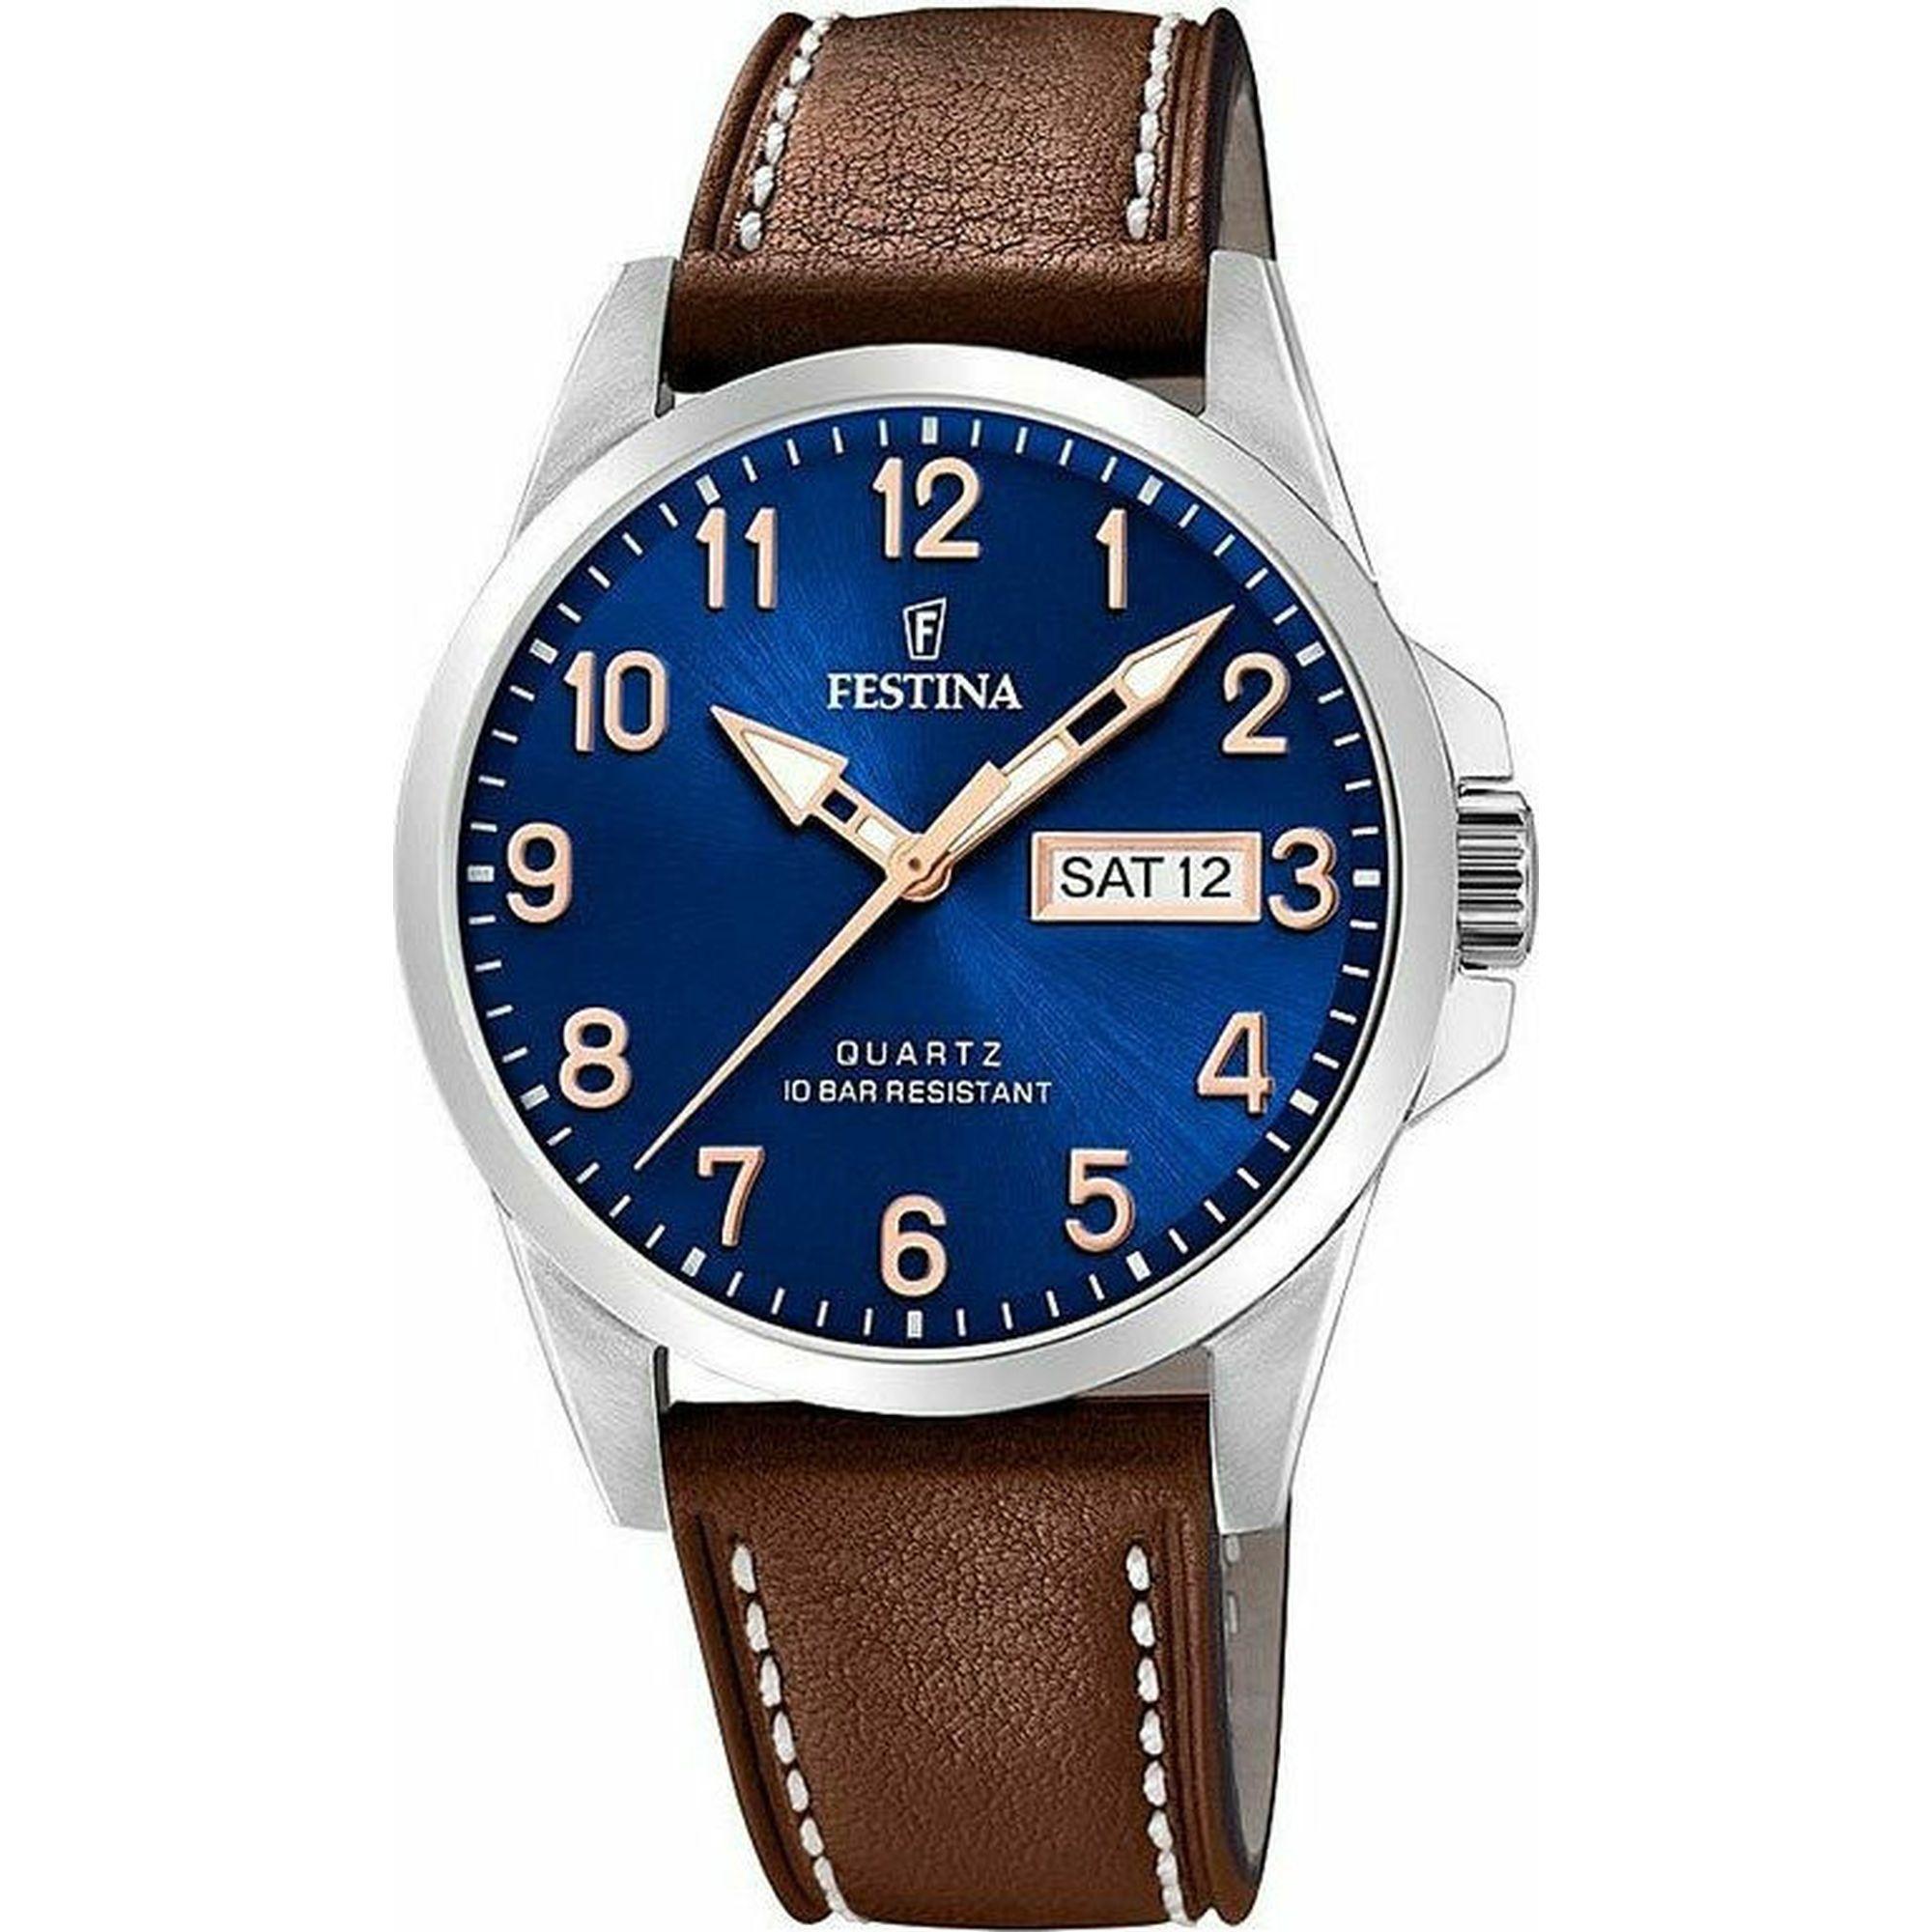 Ρολόι Festina Retro με Καφέ Δερμάτινο Λουράκι F20358/B